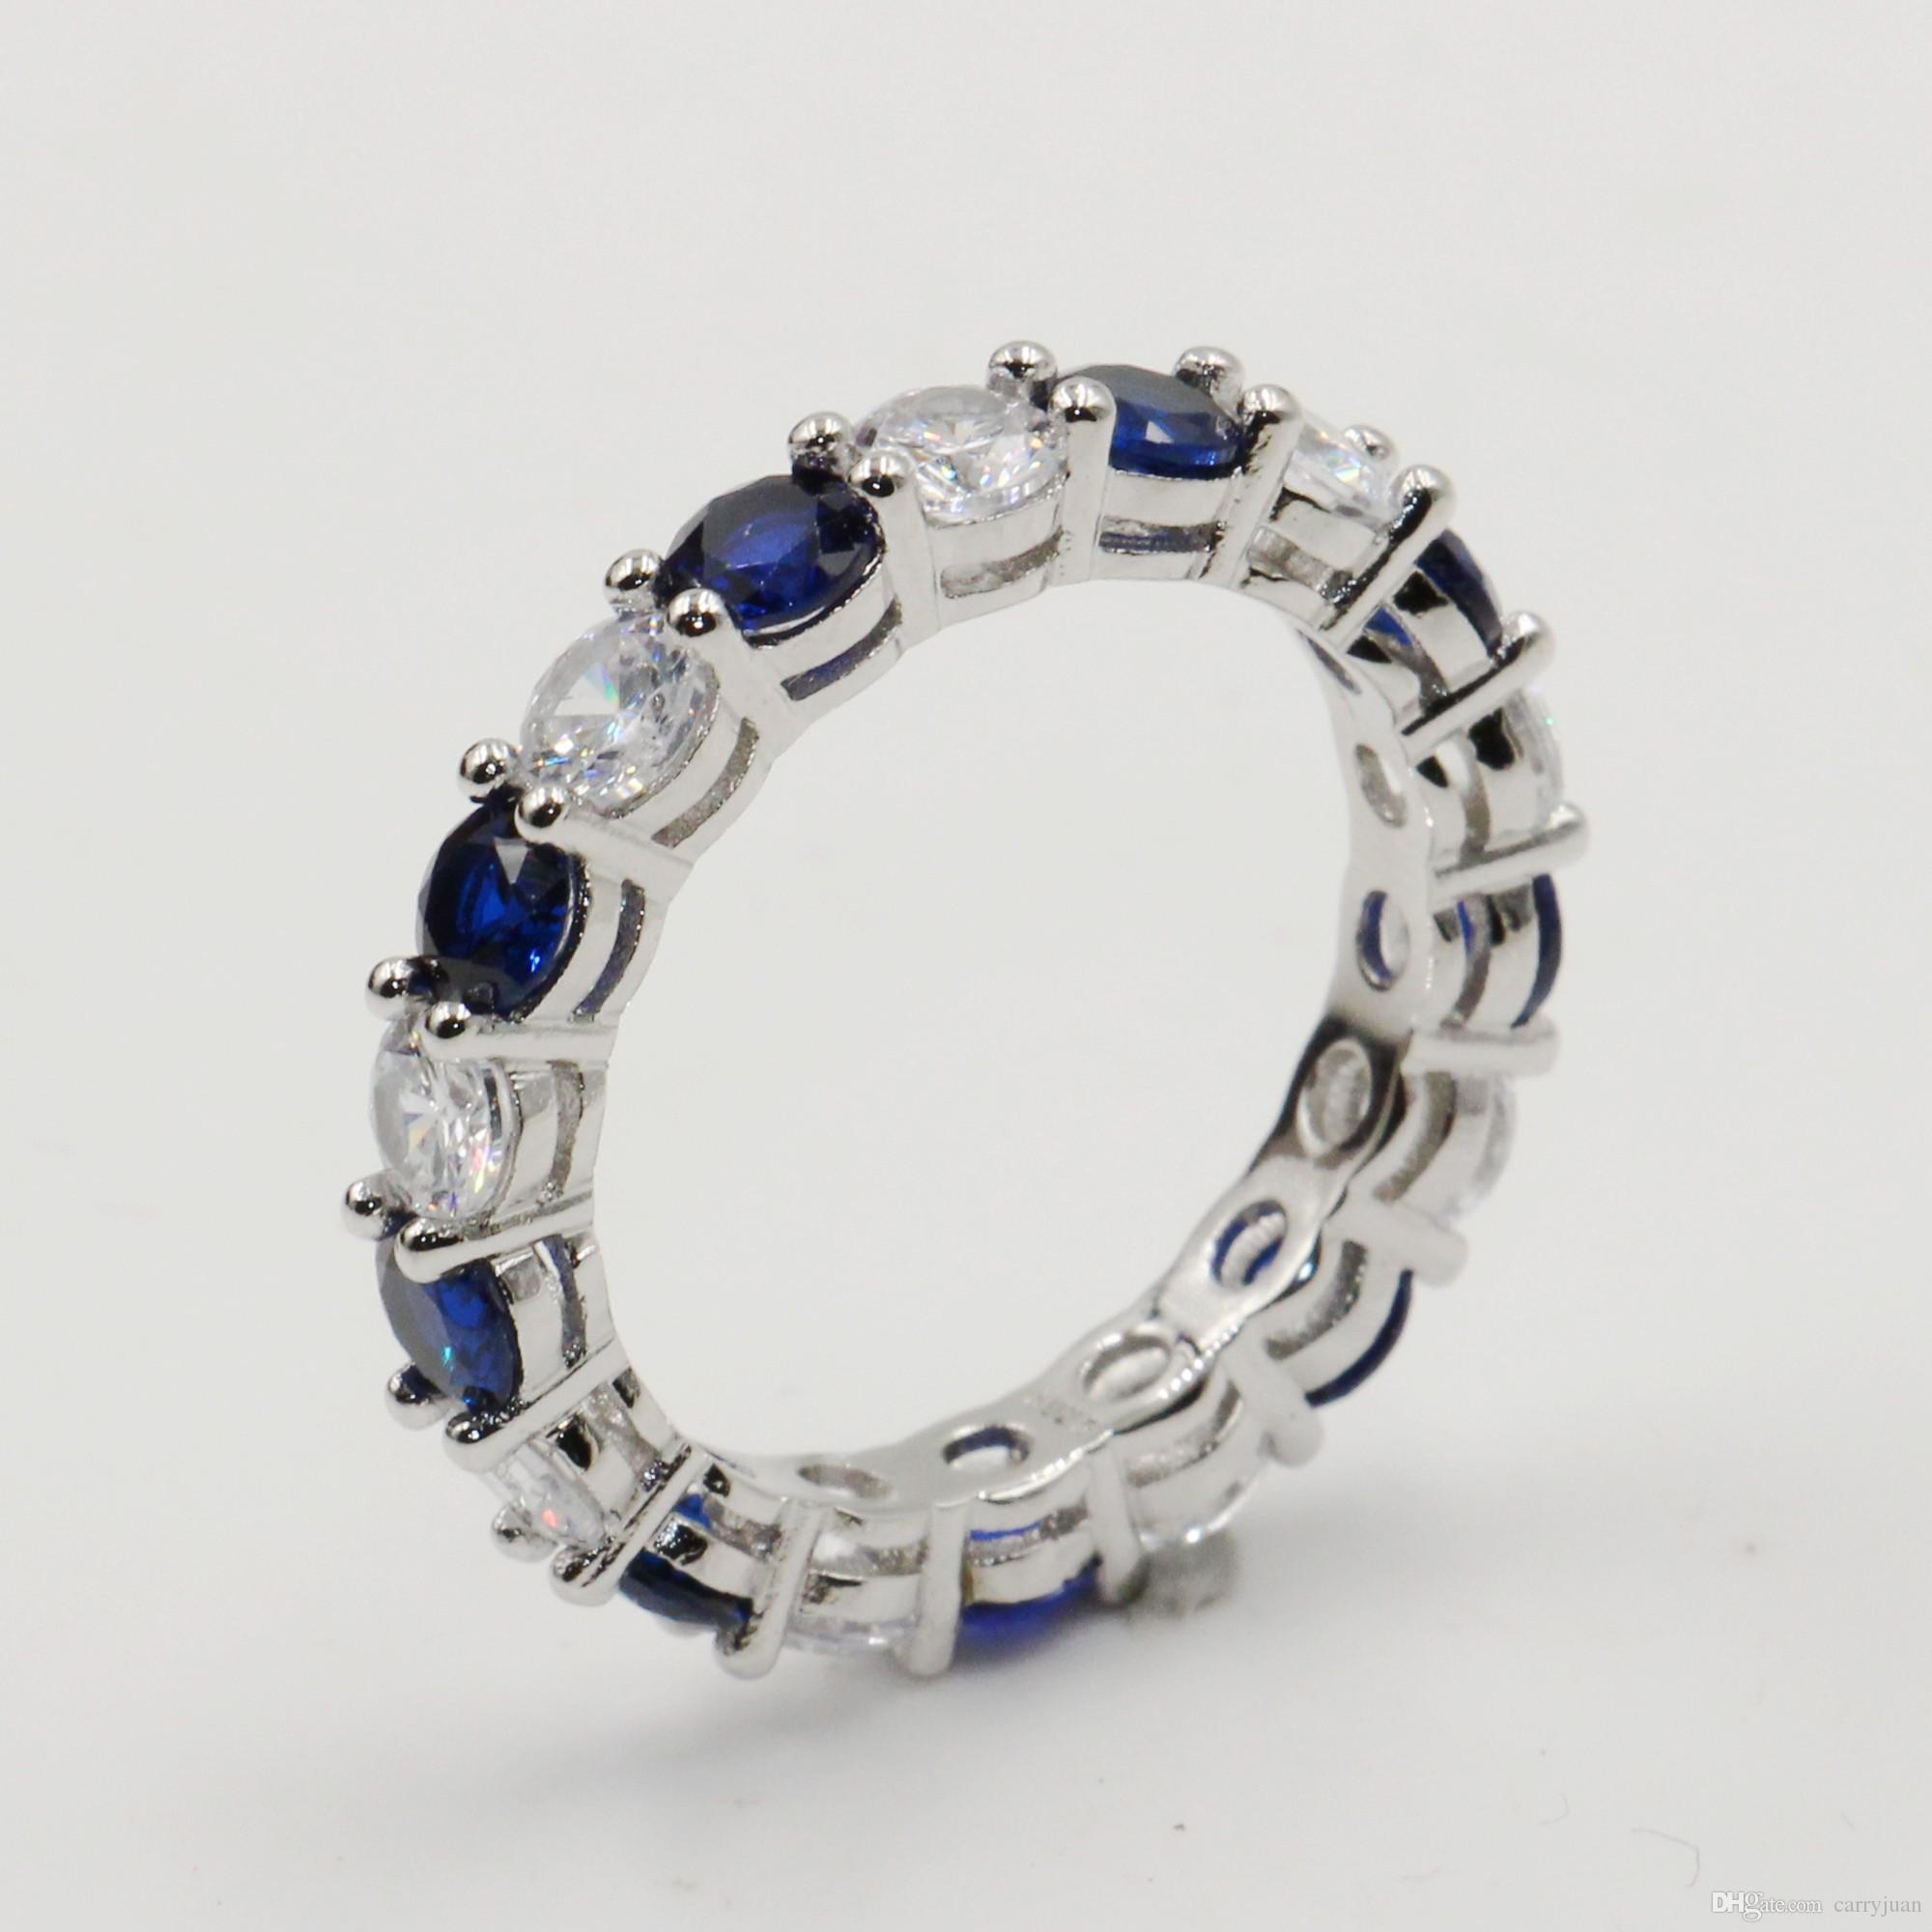 Оптовые много Stock игристые мода ювелирные изделия Real 925 стерлингового серебра синий сапфир CZ Алмазный Stack обручальное кольцо для женщин Подарок